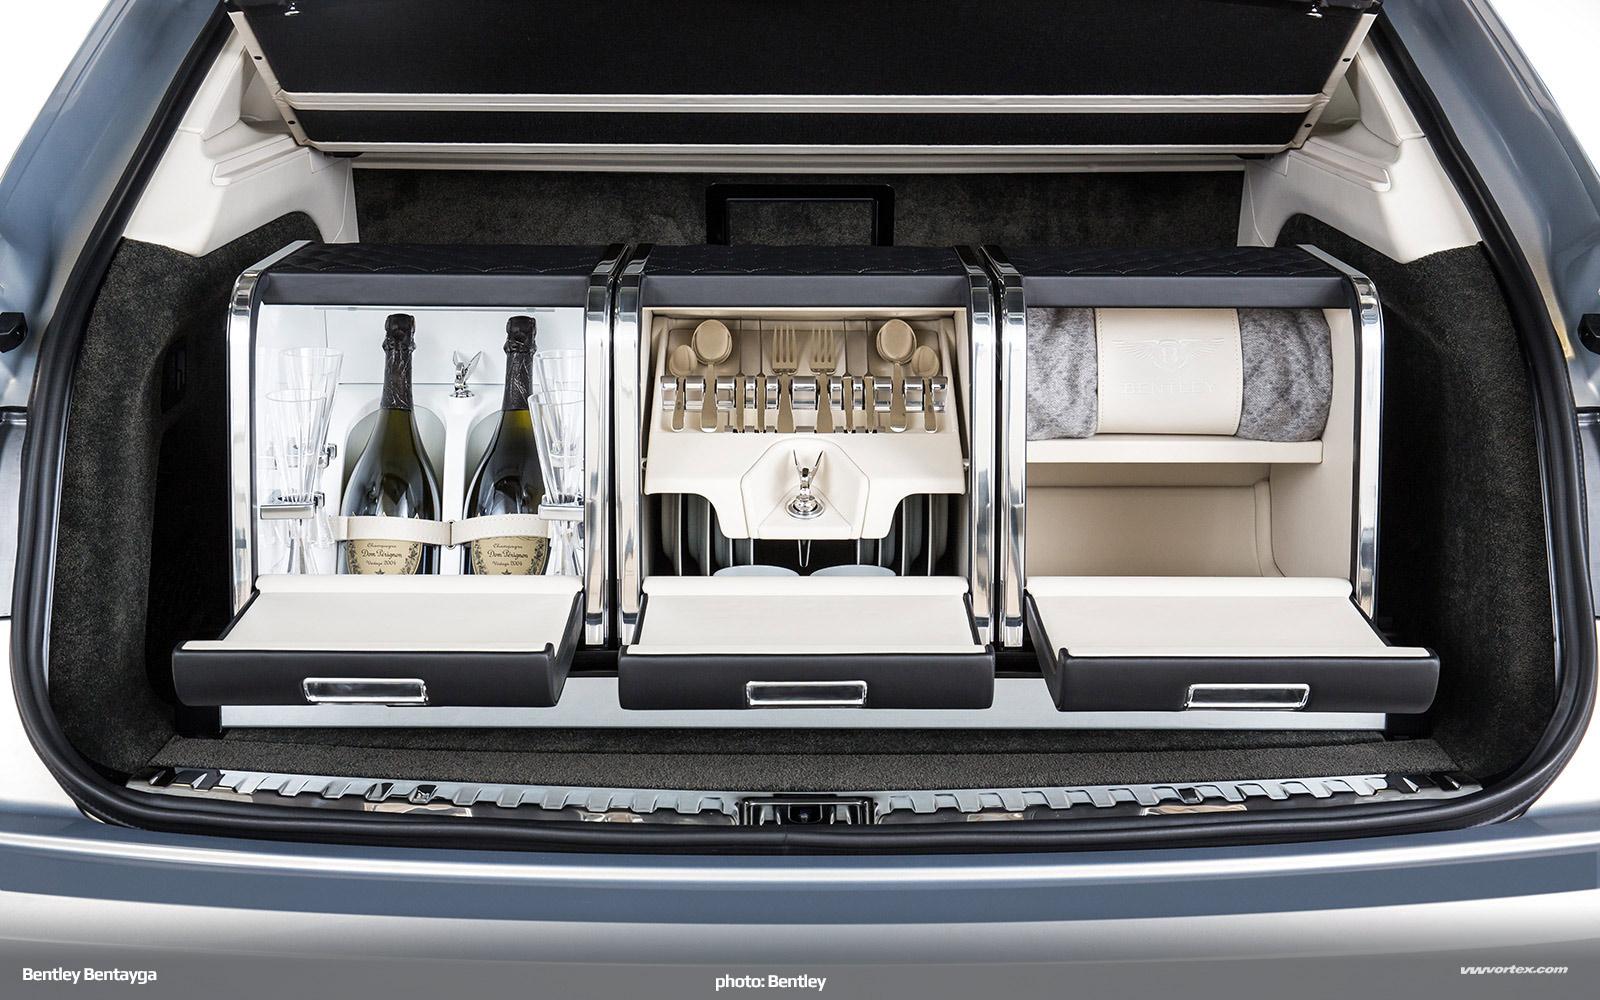 Bentley-Bentayga-SUV-crossover-2016-462